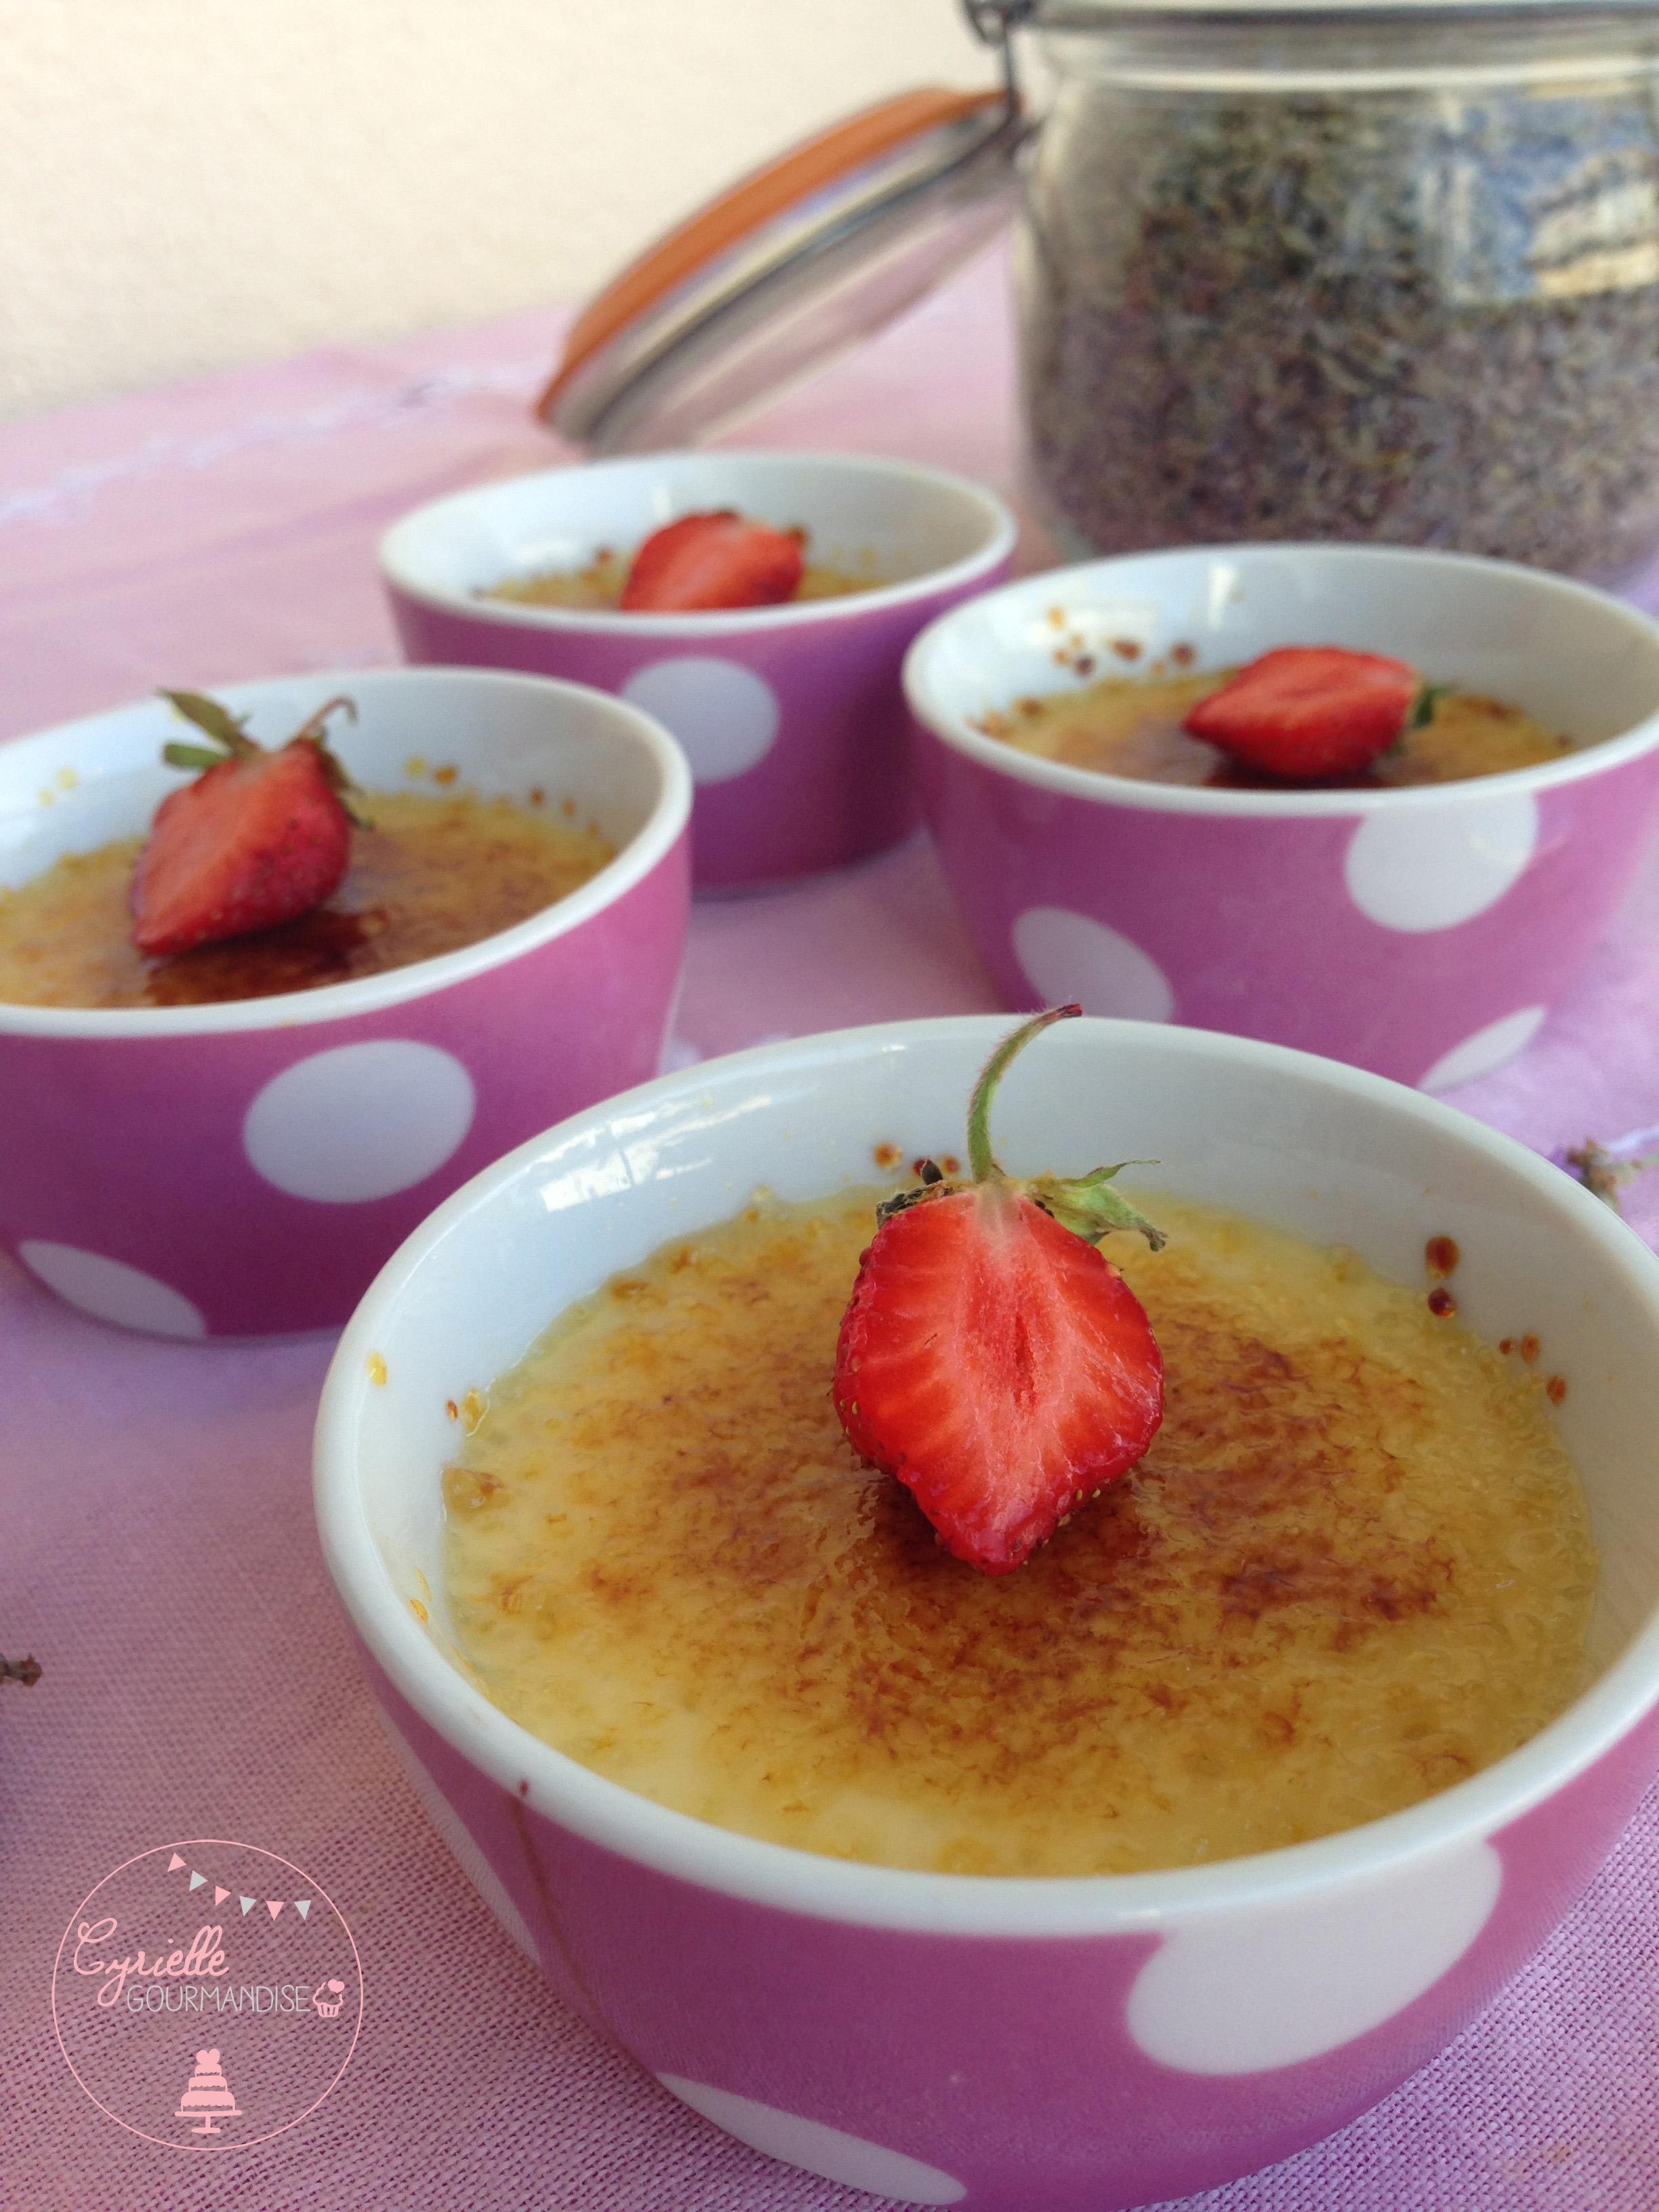 crème brulée 2